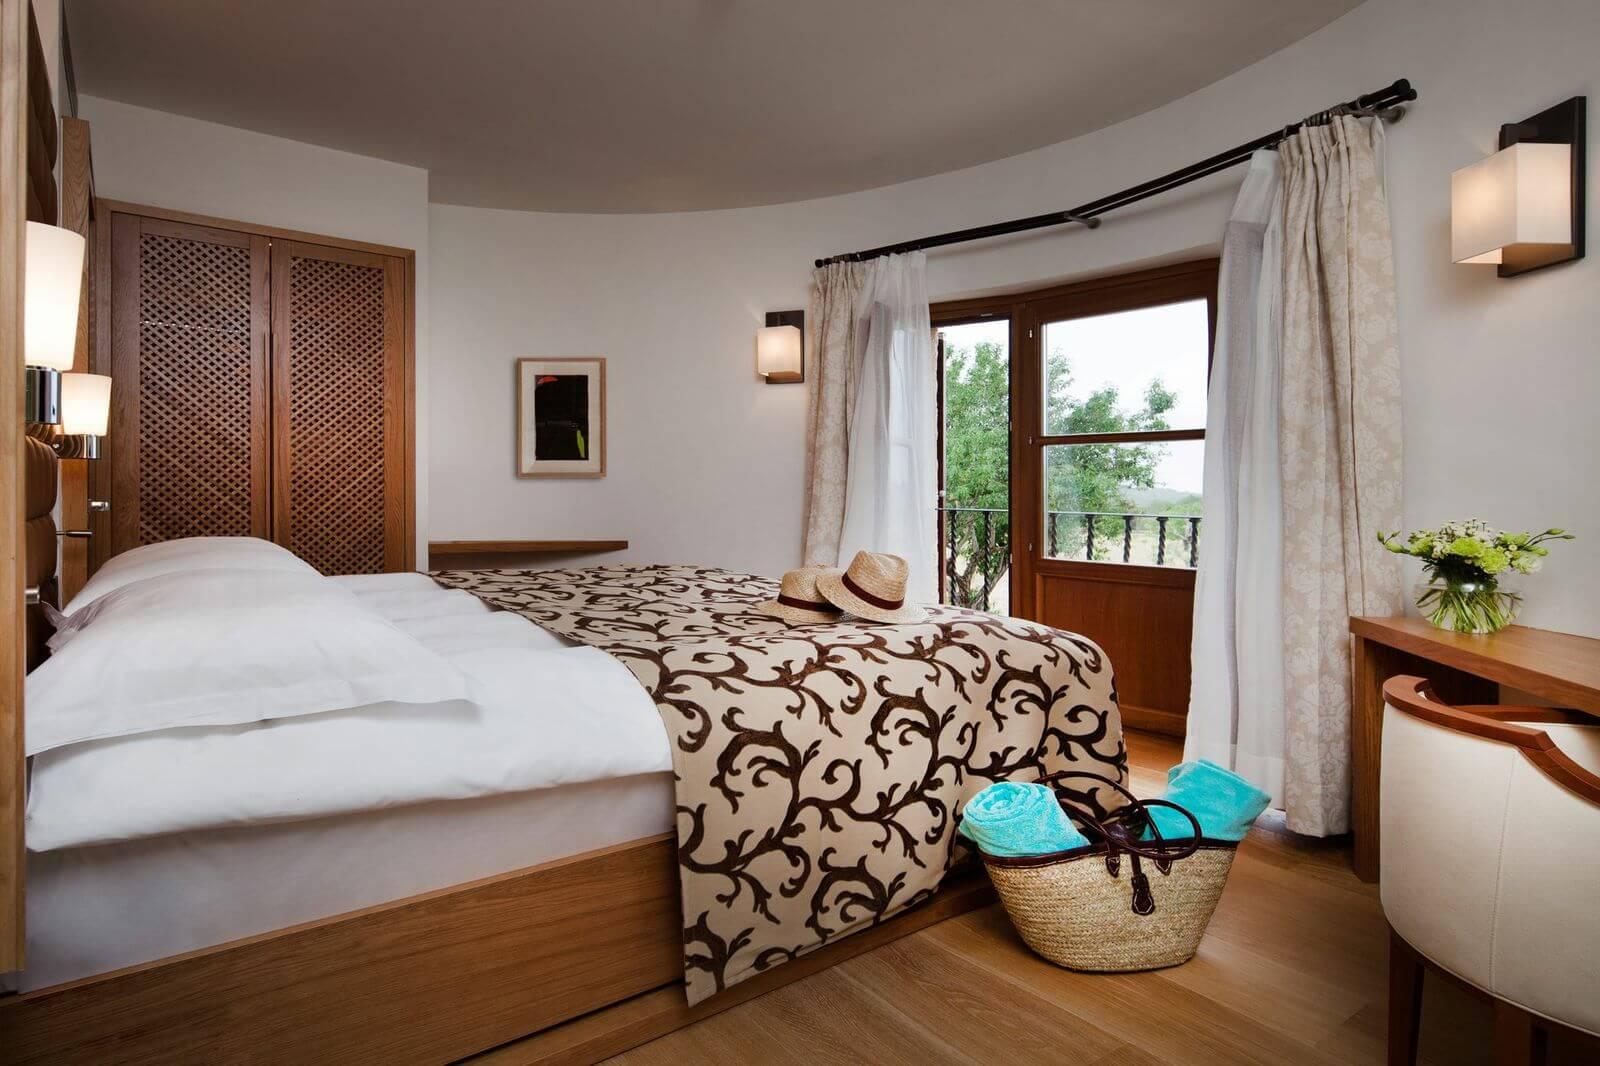 Suites y Habitaciones del Hotel de lujo en Mallorca, Castell Son Claret (19)